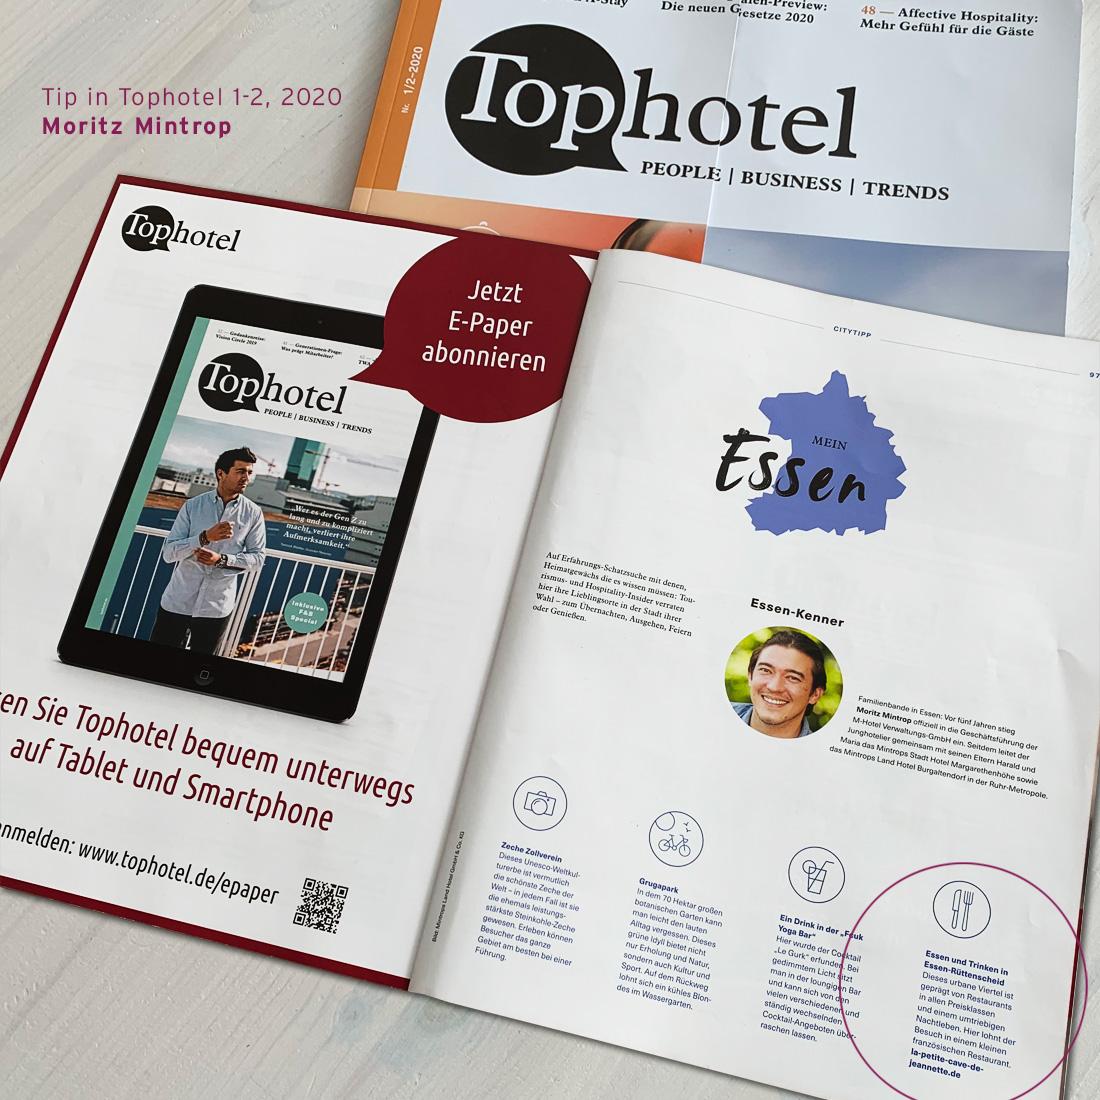 Tip in Tophotel, von Moritz Mintrop, Mintrops Landhotel